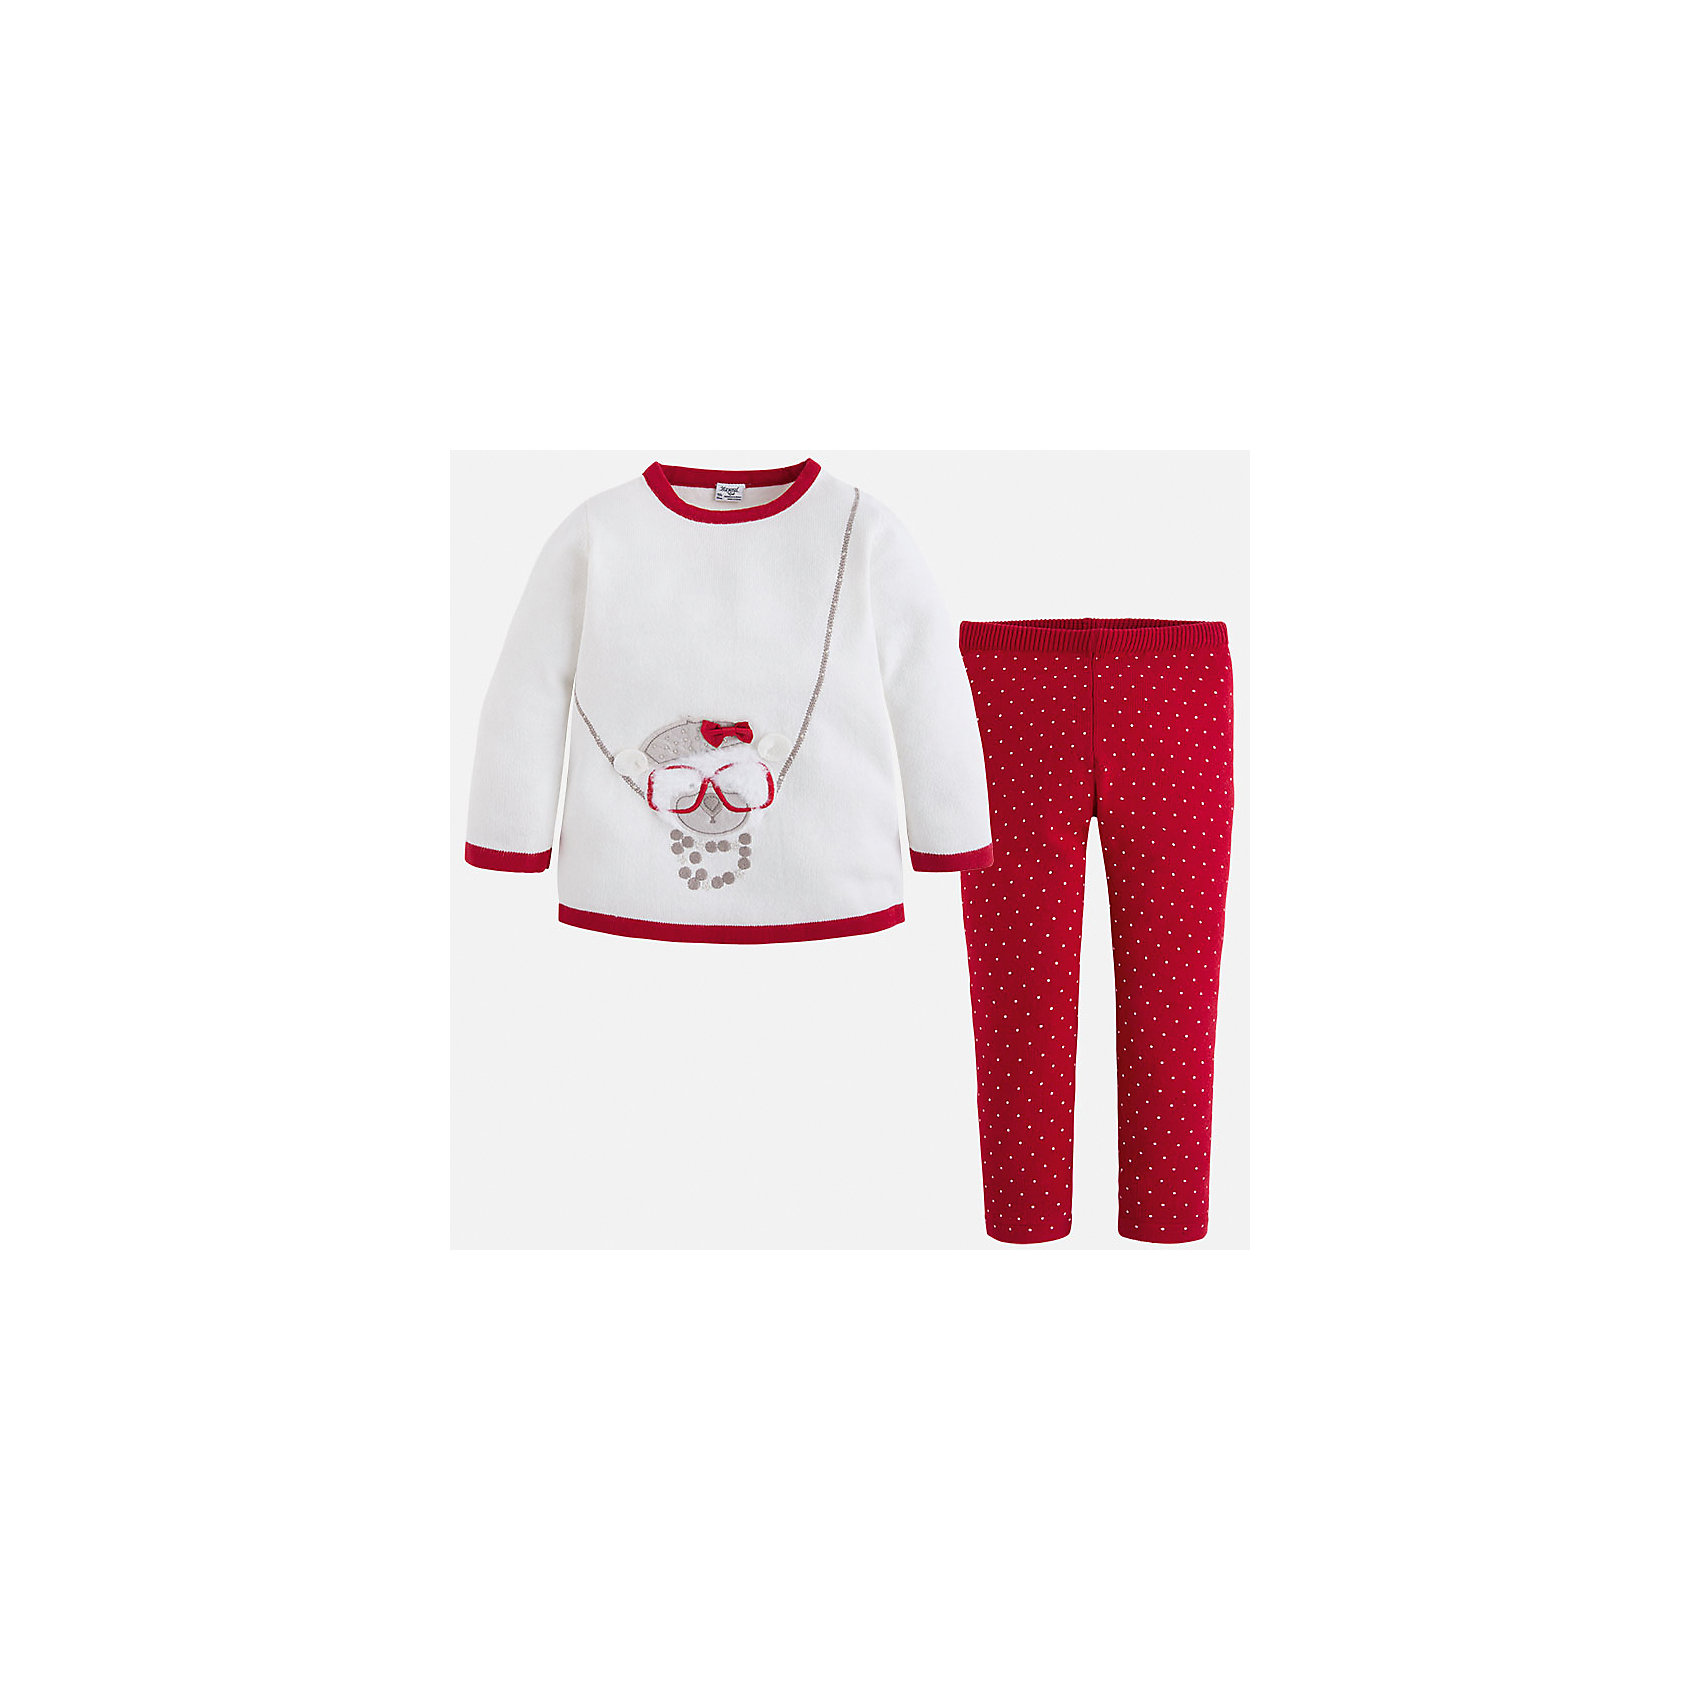 Комплект:футболка и леггинсы для девочки MayoralКомплект из футболки и леггинсов от испанского бренда Mayoral(Майорал) прекрасно подойдут маленькой моднице. Свитер из качественных материалов украшен милой аппликацией с мишкой и стразами. Леггинсы с приятной расцветкой в горошек. Отличный вариант для повседневной носки!<br>Дополнительная информация:<br>-украшен аппликацией и стразами<br>-цвет: красный/белый<br>-состав: 60% хлопок, 40% акрил<br>Комплект из футболки и леггинсов Mayoral(Майорал) можно купить в нашем интернет-магазине.<br><br>Ширина мм: 123<br>Глубина мм: 10<br>Высота мм: 149<br>Вес г: 209<br>Цвет: красный<br>Возраст от месяцев: 72<br>Возраст до месяцев: 84<br>Пол: Женский<br>Возраст: Детский<br>Размер: 110,92,104,122,98,116<br>SKU: 4844118